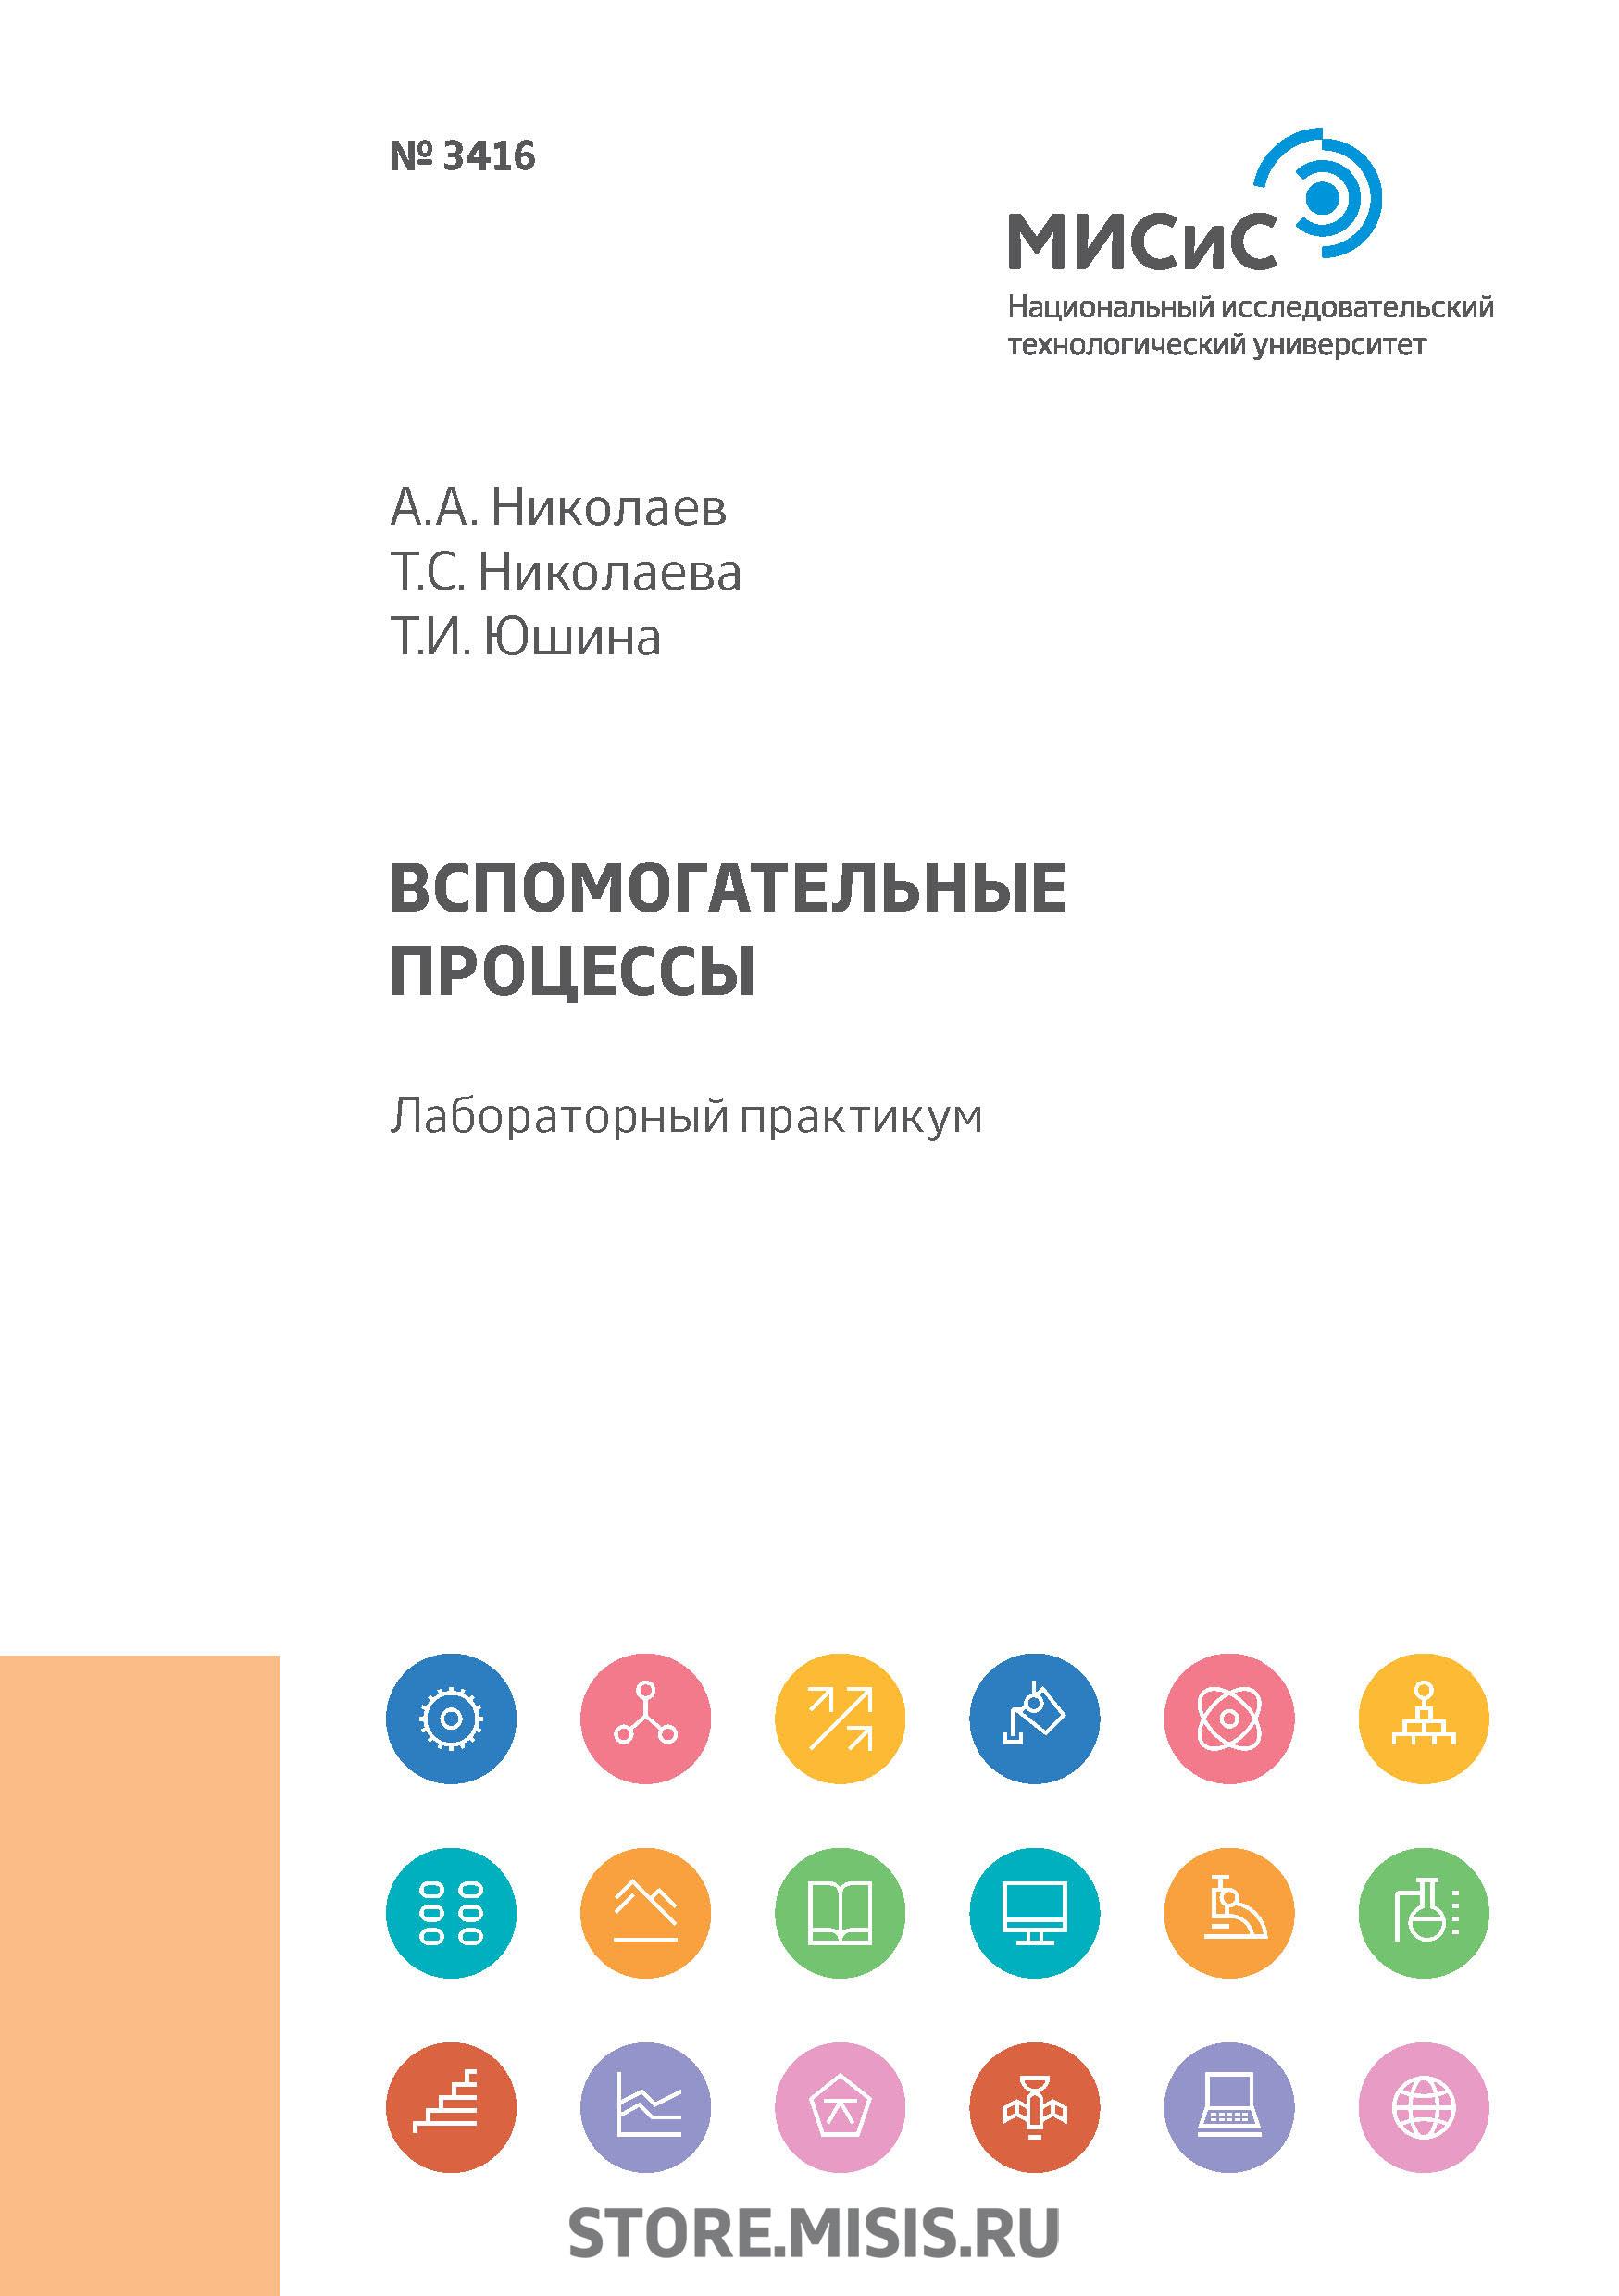 Фото - А. А. Николаев Вспомогательные процессы. Лабораторный практикум в авдохин обогащение углей том 1 процессы и машины